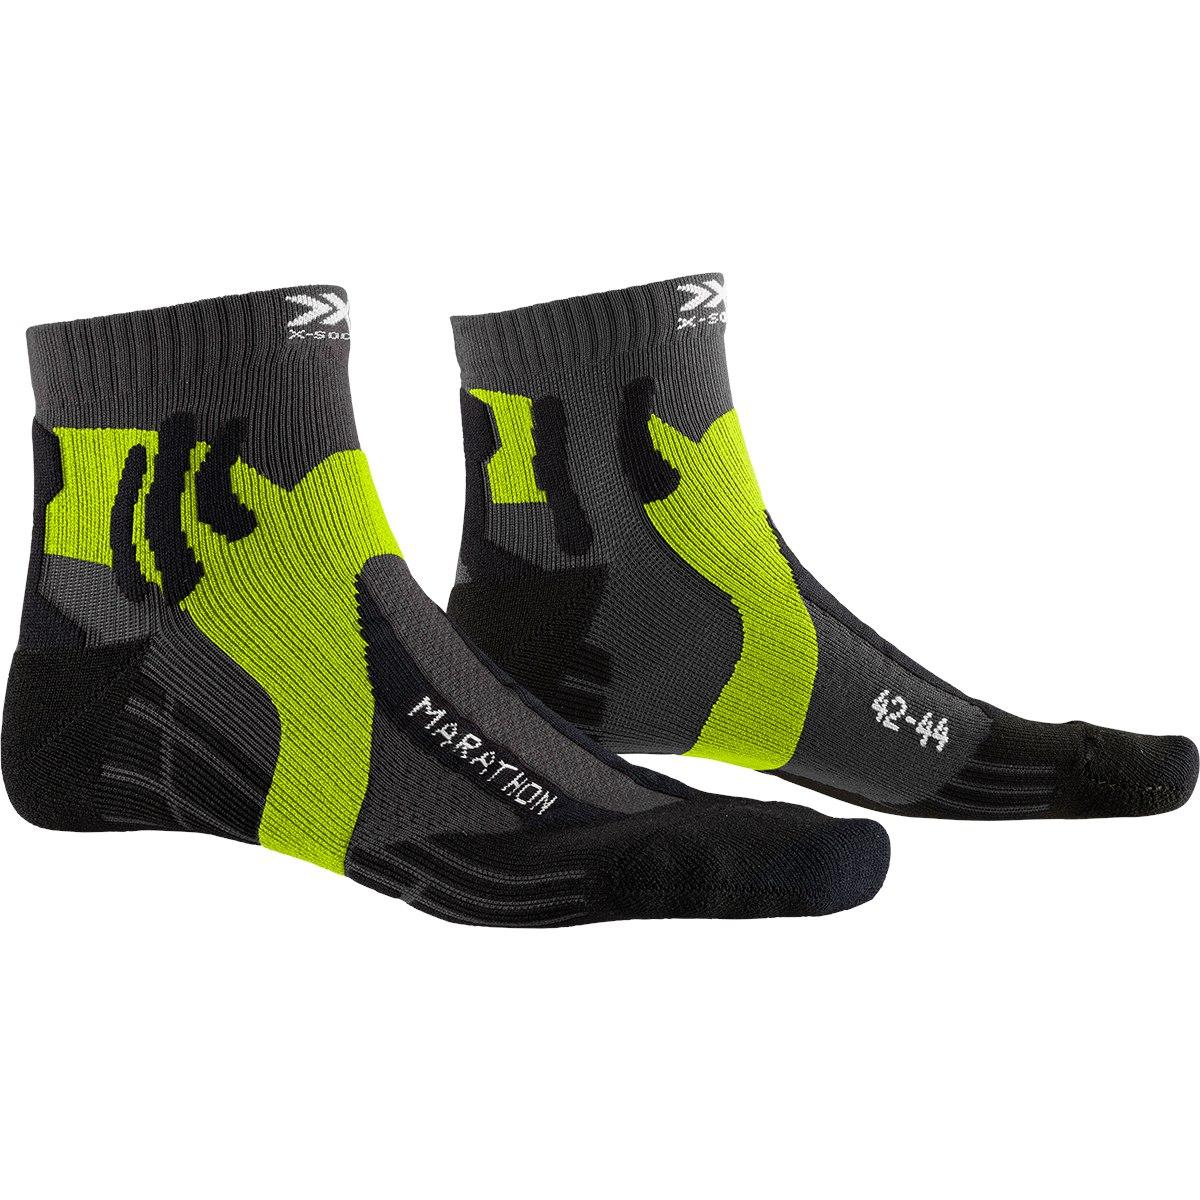 X-Socks Marathon Running Socks - charcoal/phyton yellow/black